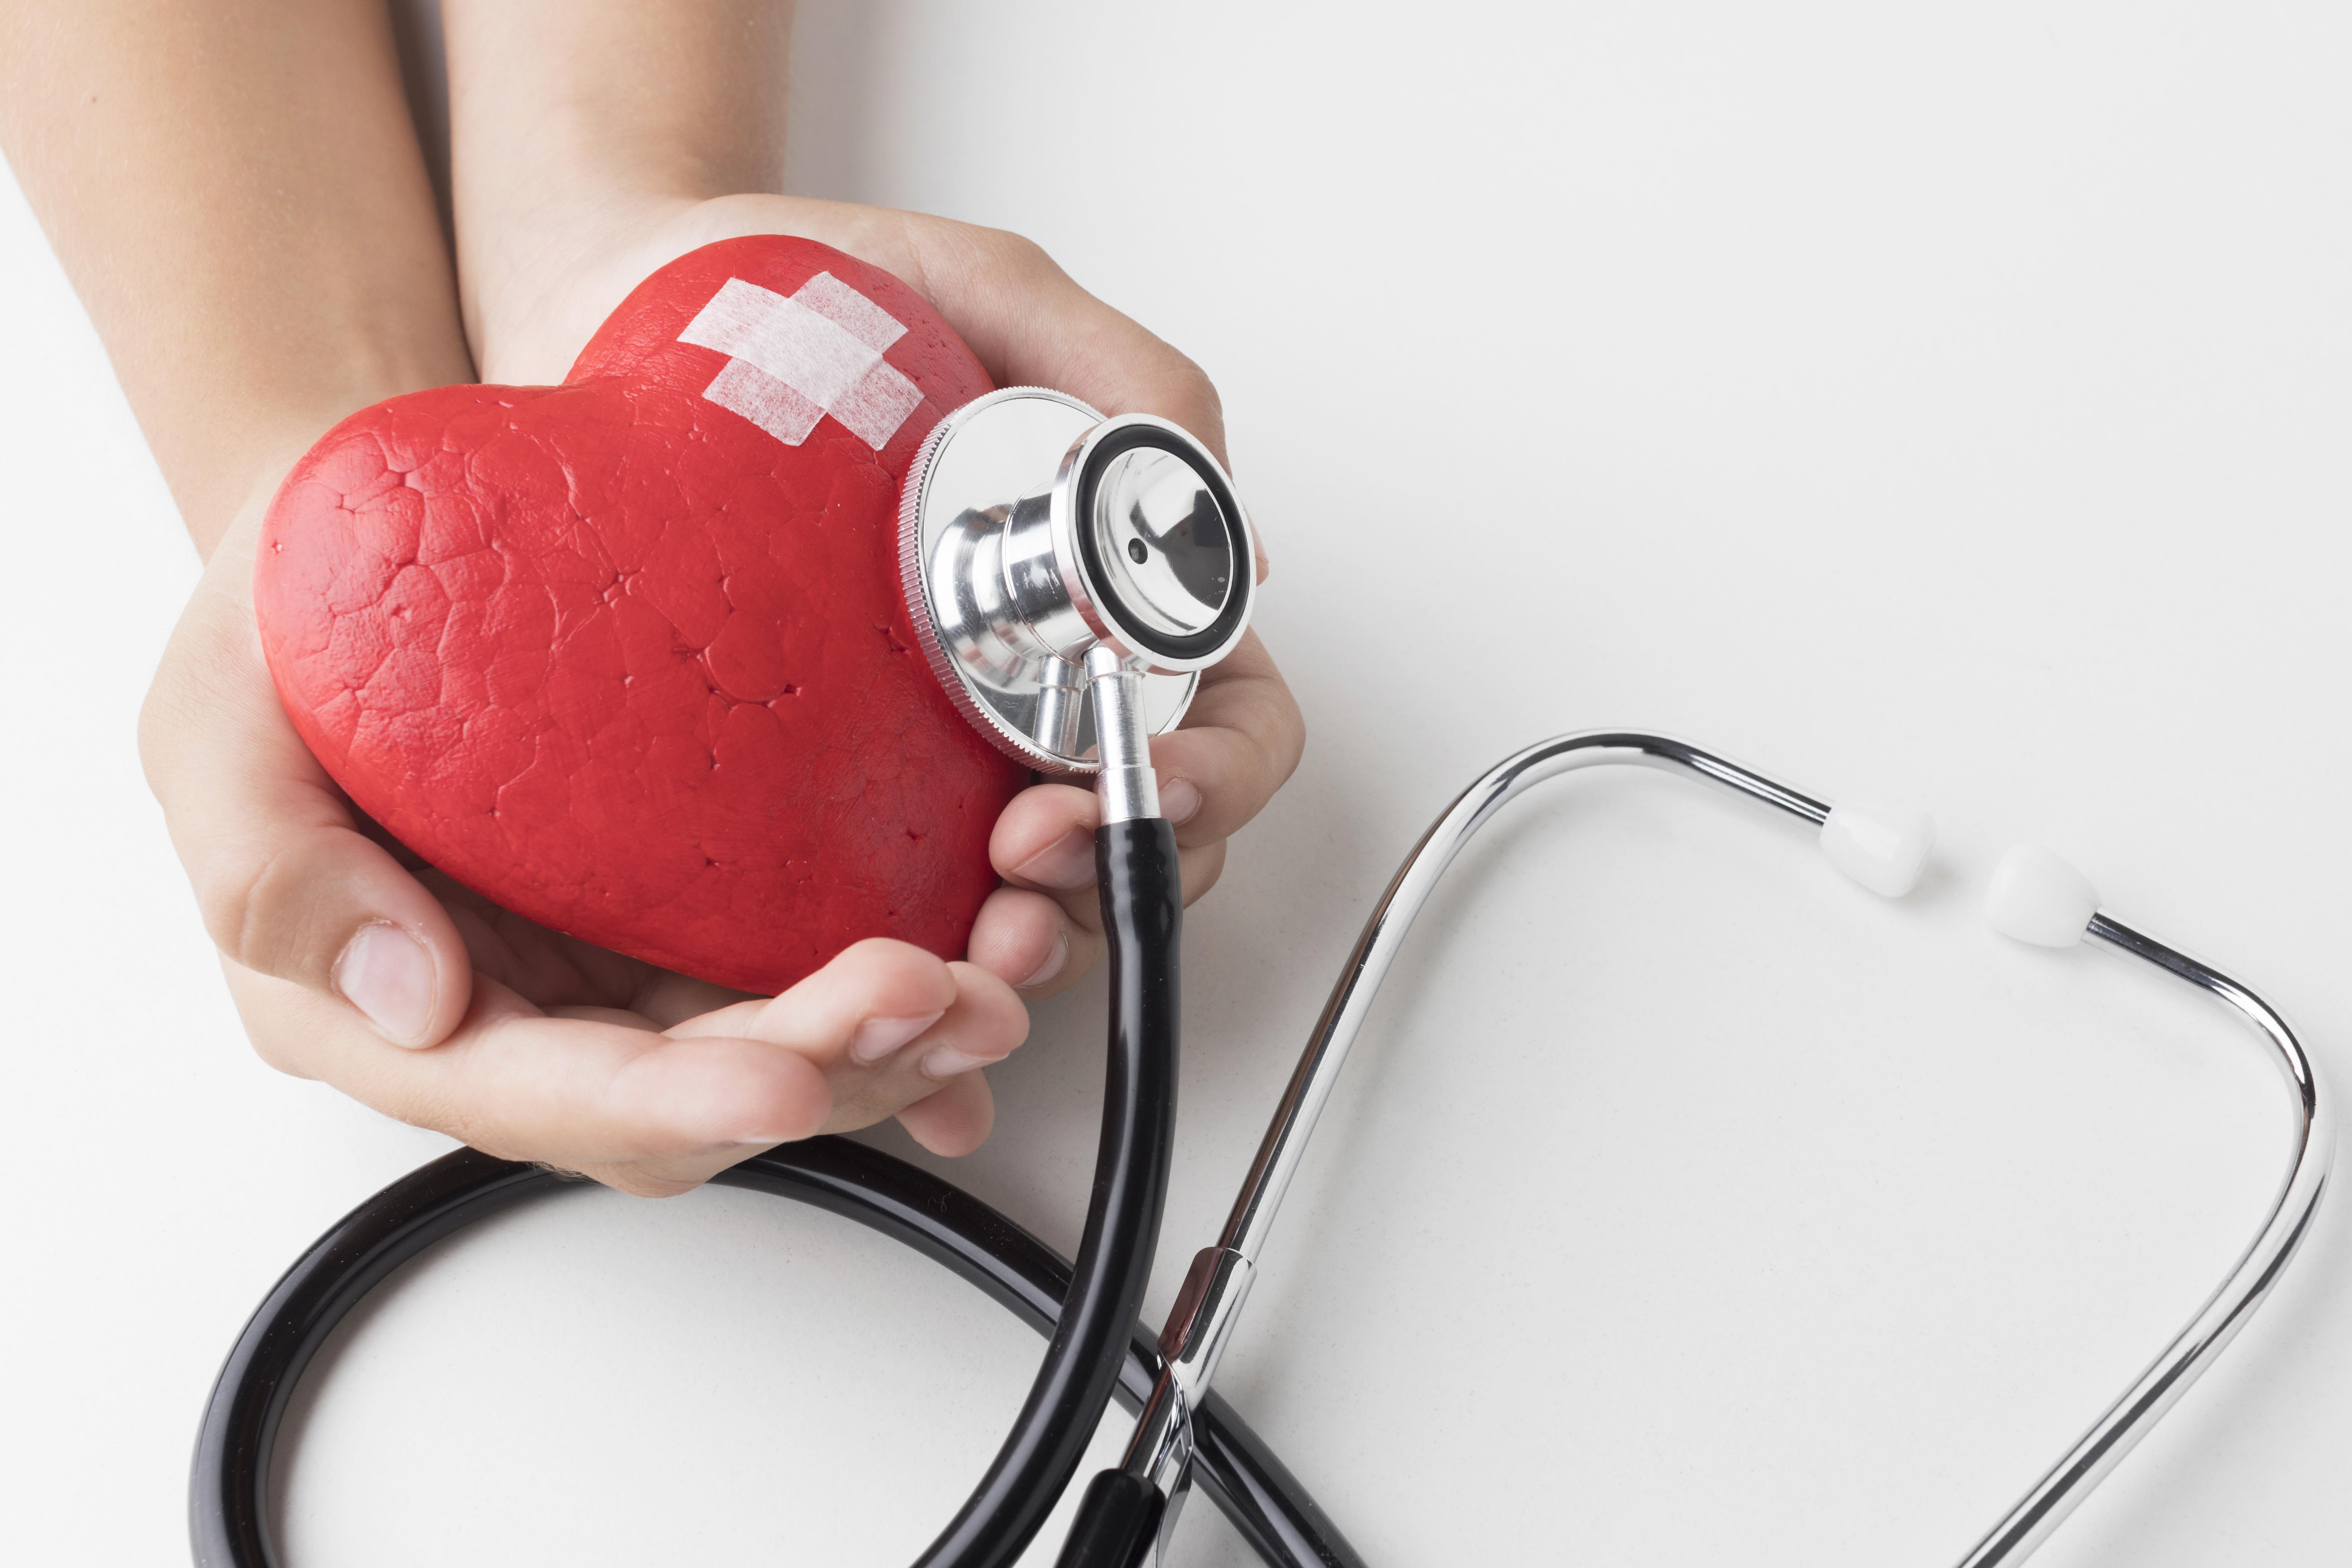 O azeite pode diminuir as doenças Cardiovasculares